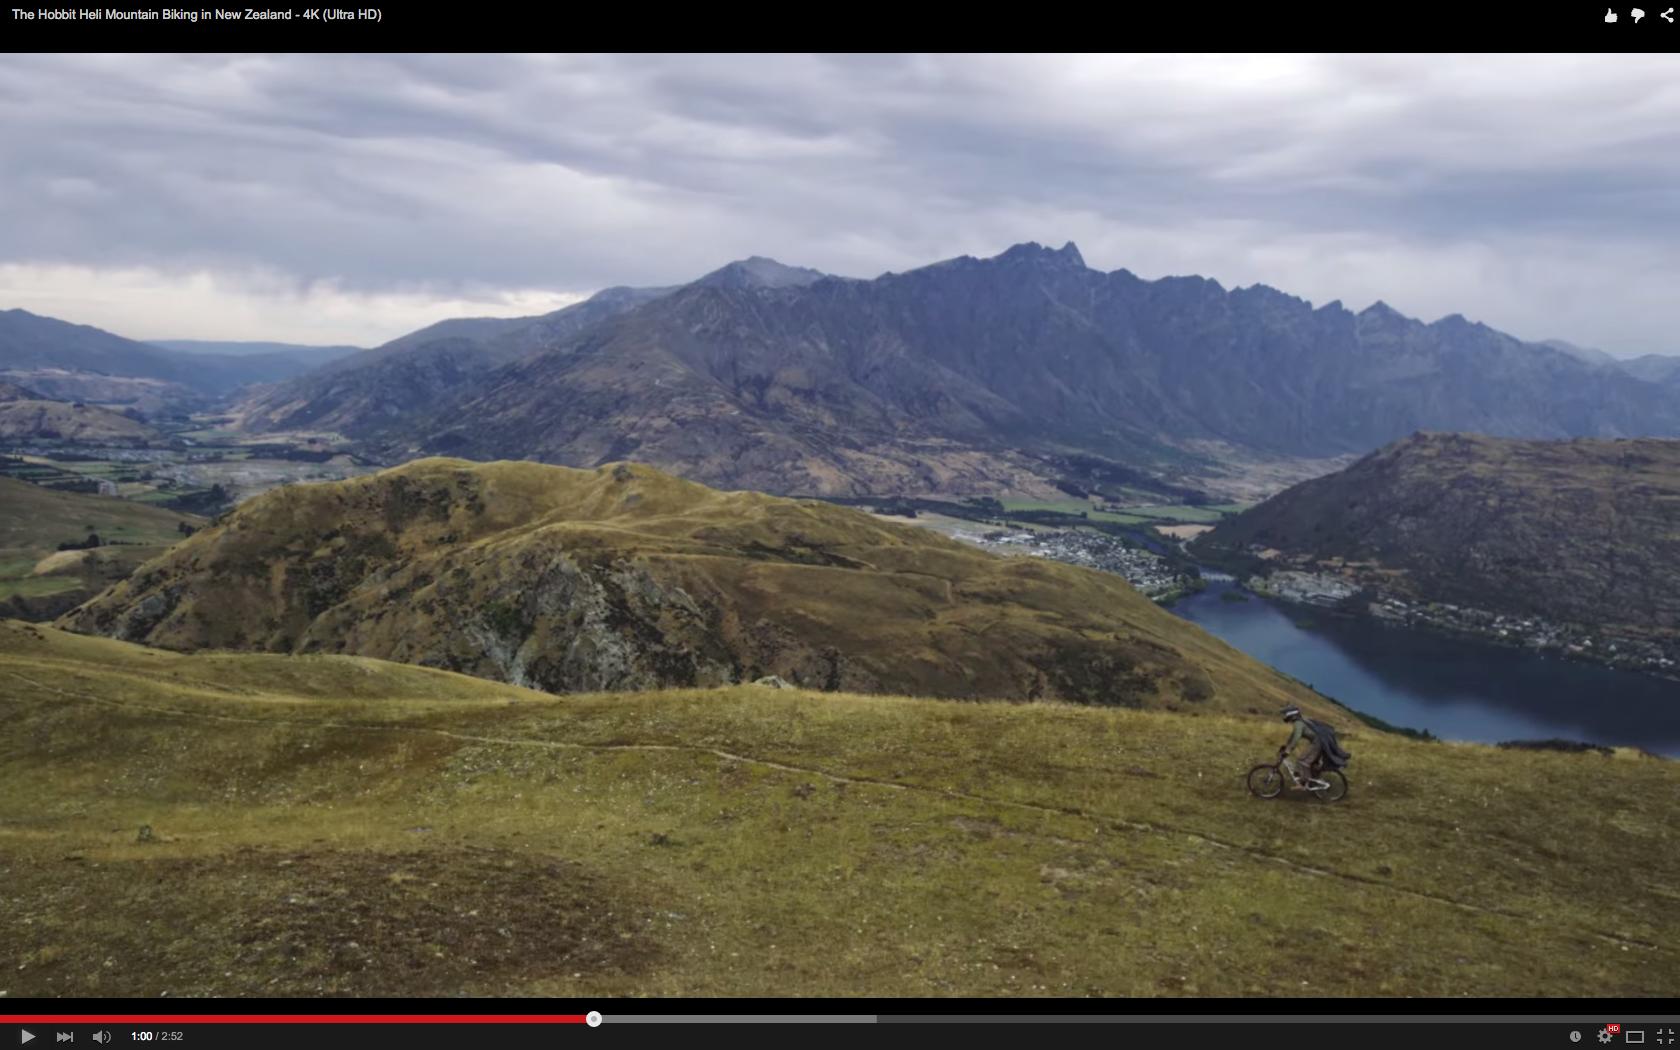 Video The Hobbit Heli Mountain Biking In New Zealand 4k Ultra Hd